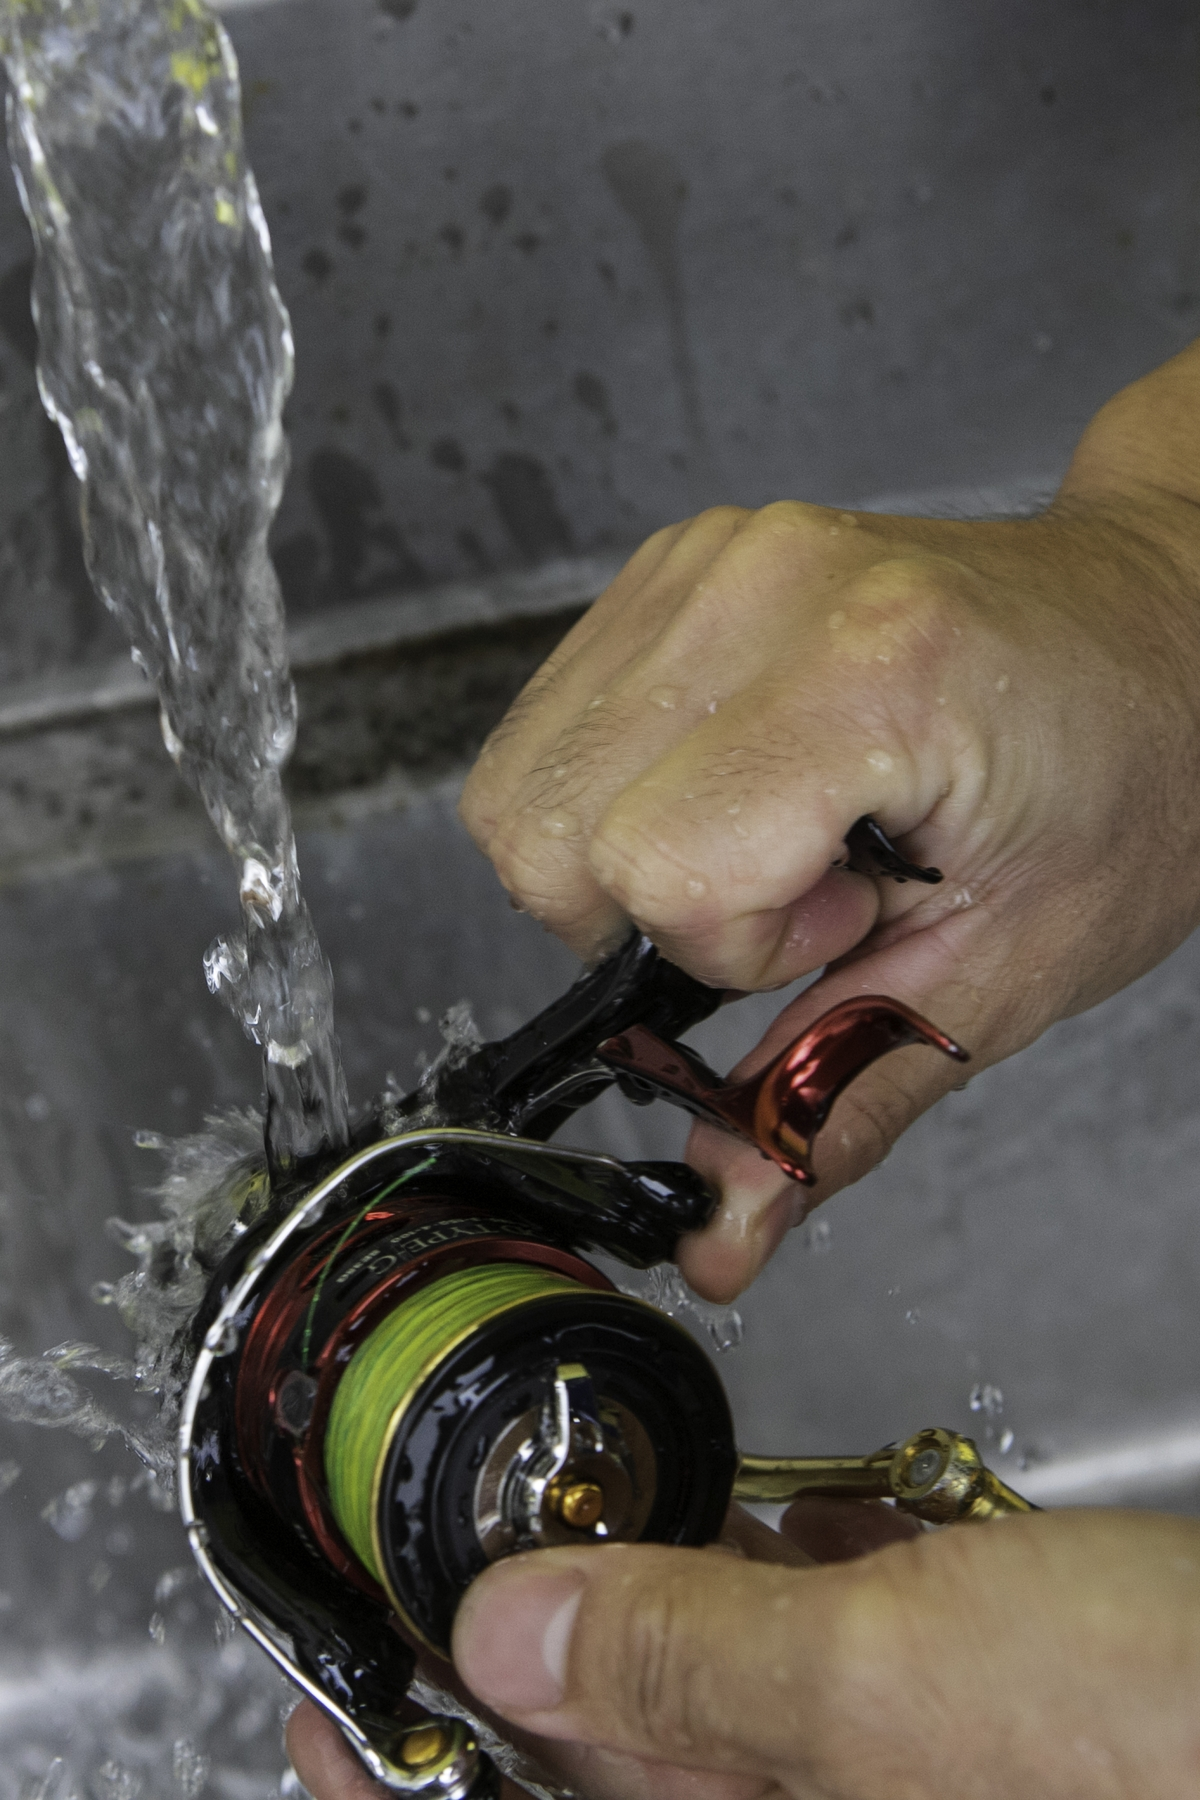 流水をかける。サオと違ってリールにお湯をかけるのはNG